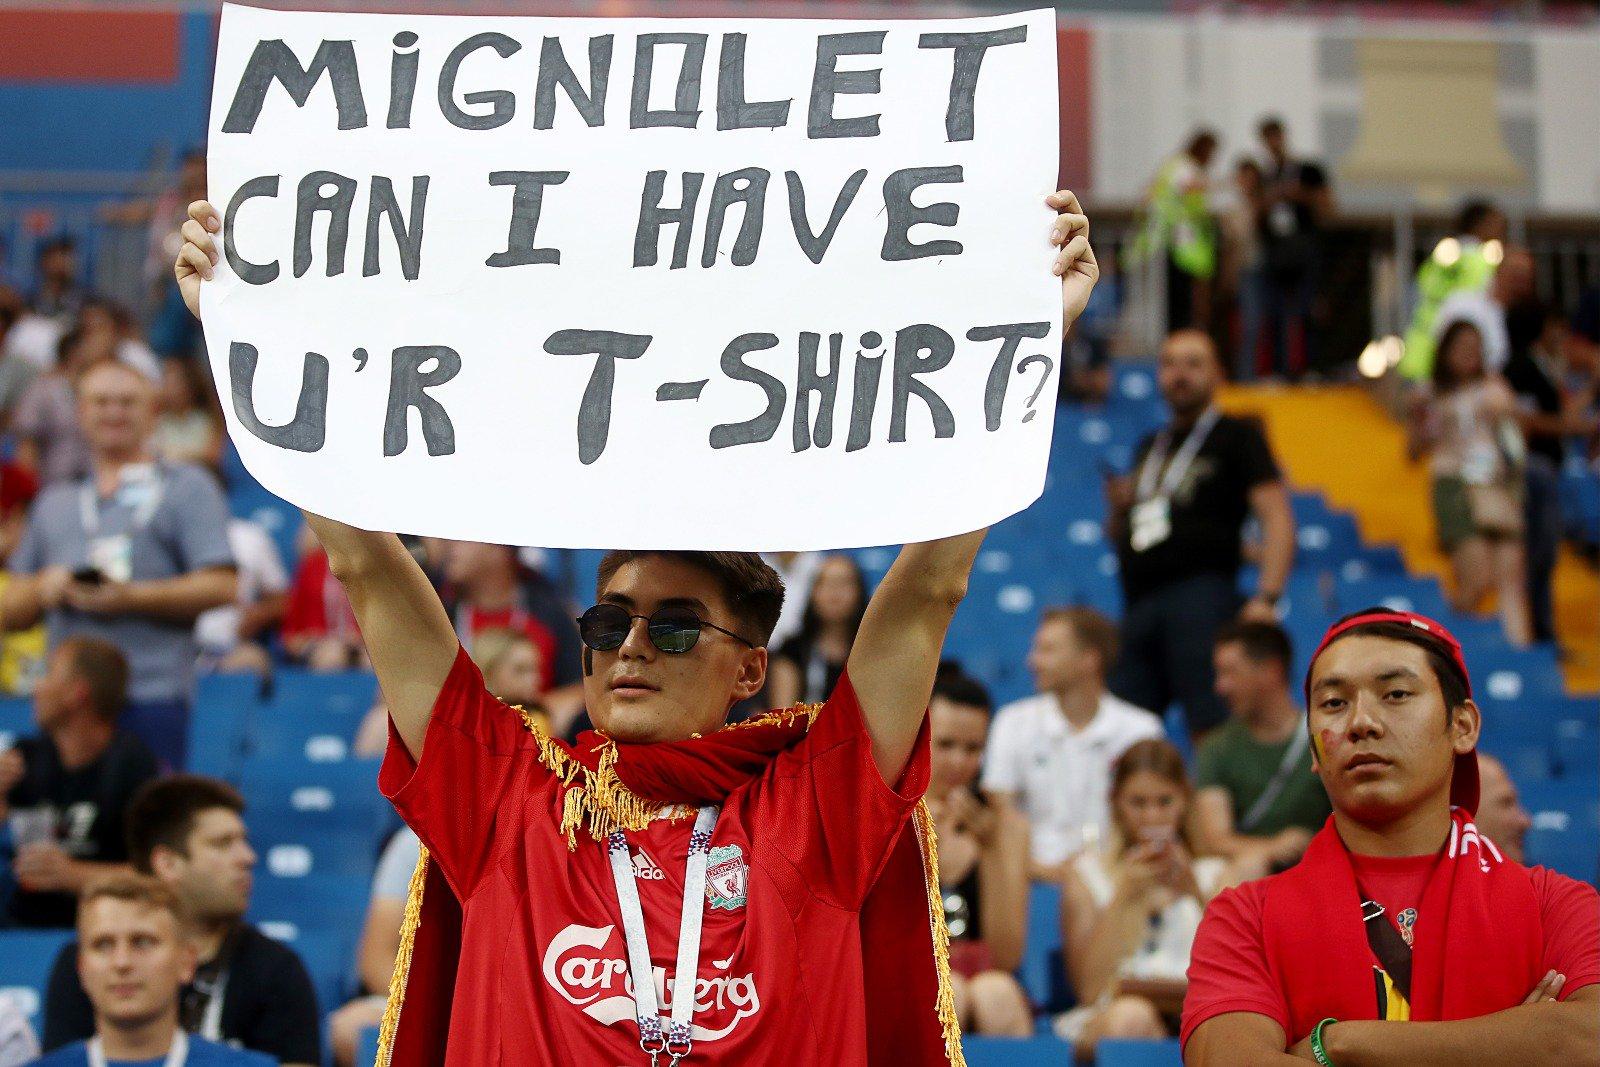 Миньоле отыскал болельщика, попросившего унего футболку